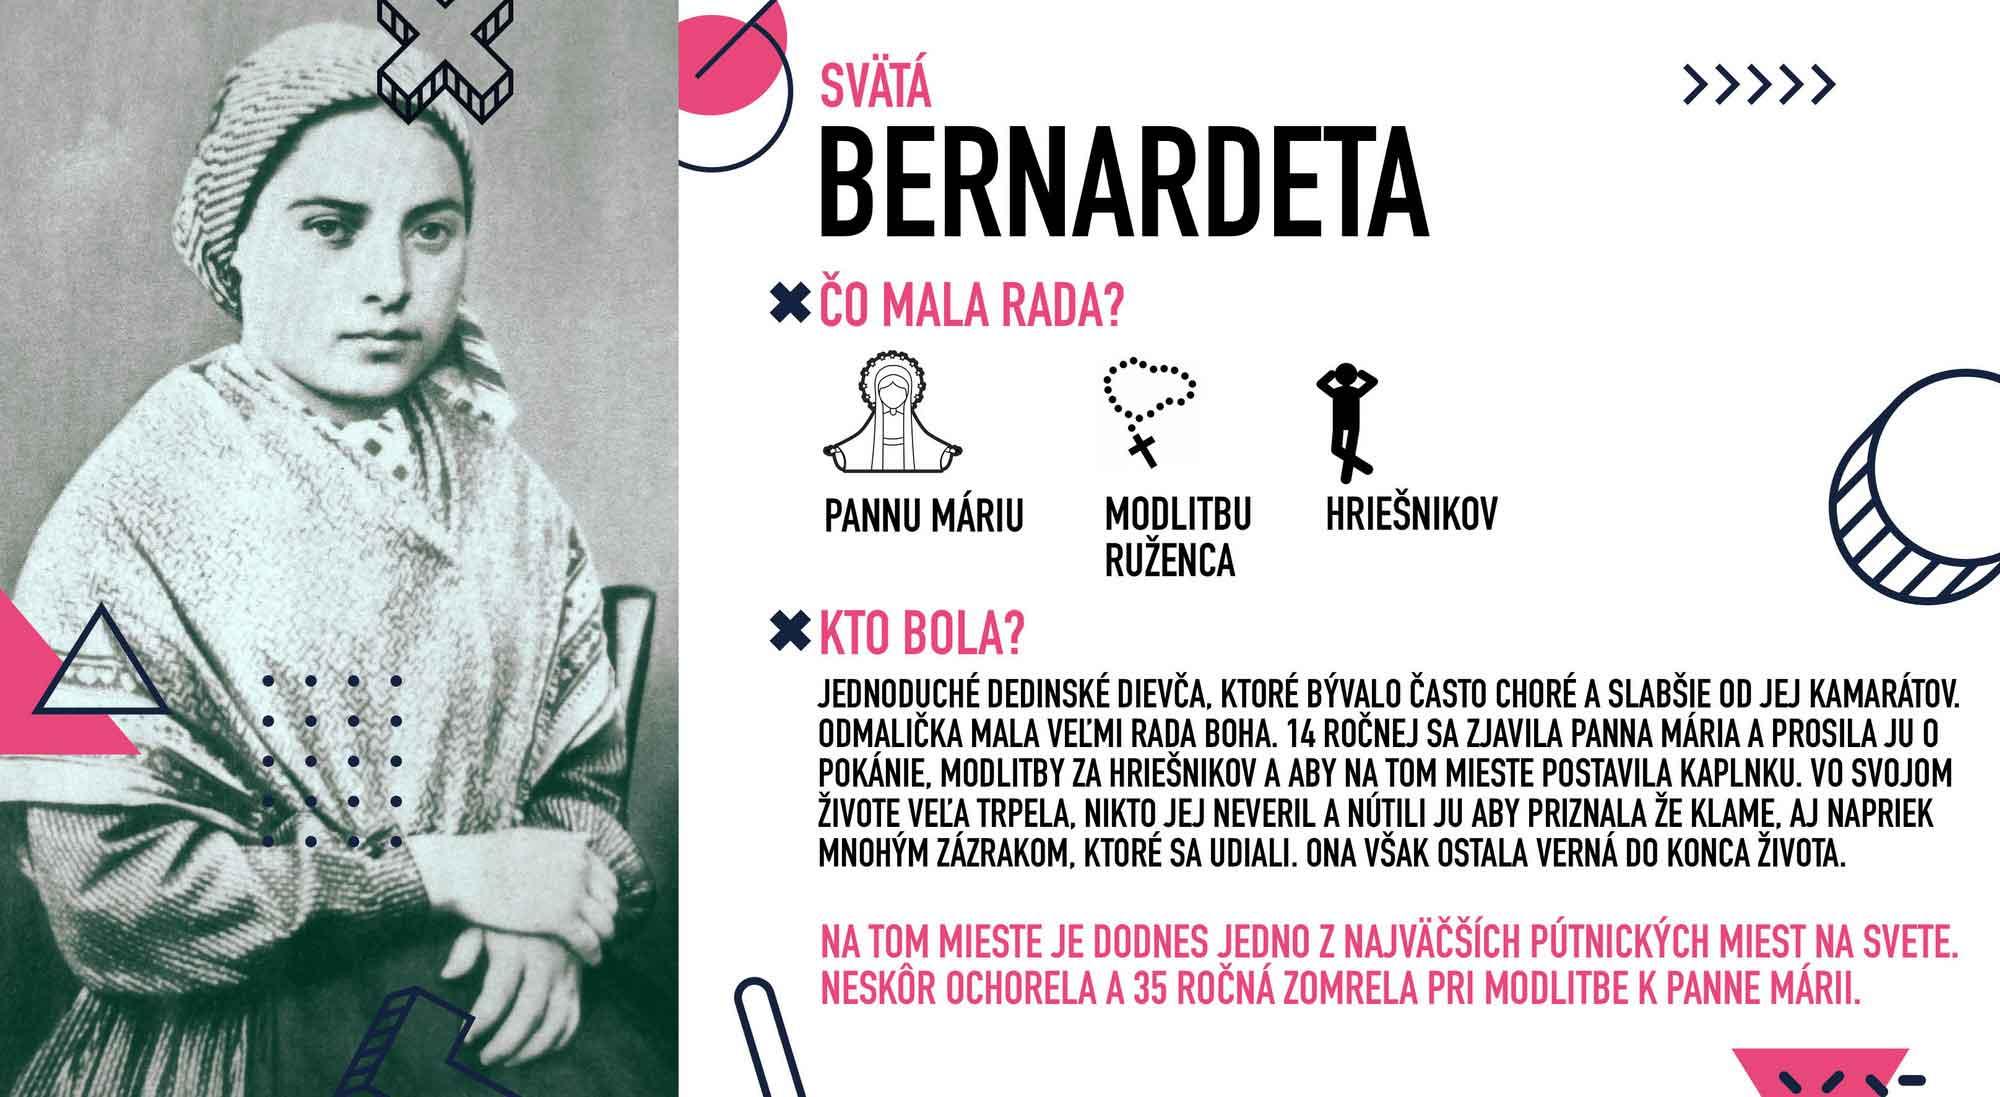 Bernardeta